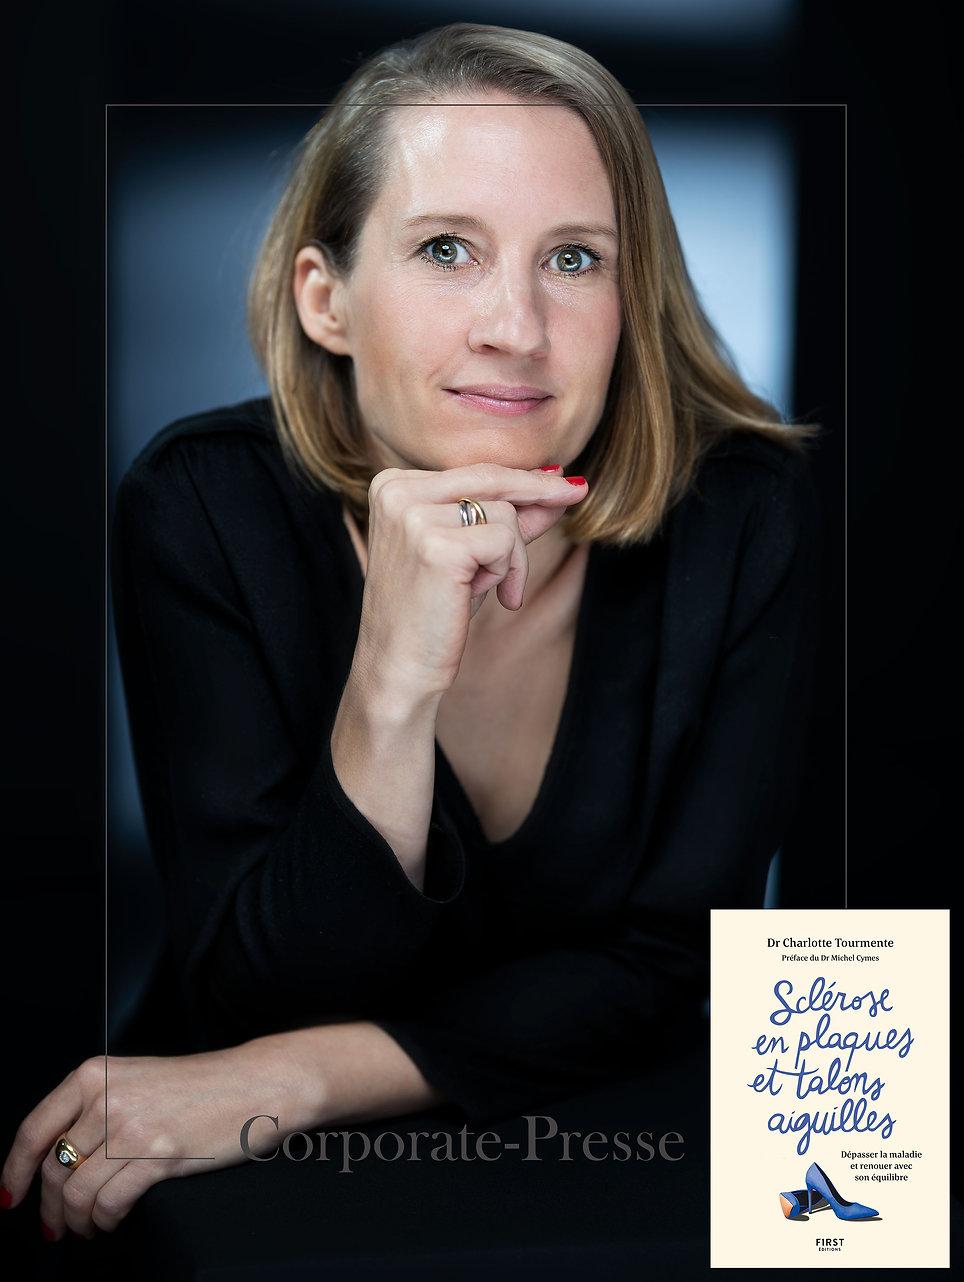 sclerose,sep,medecine,recherche,ecrivain,auteur,livre,succes